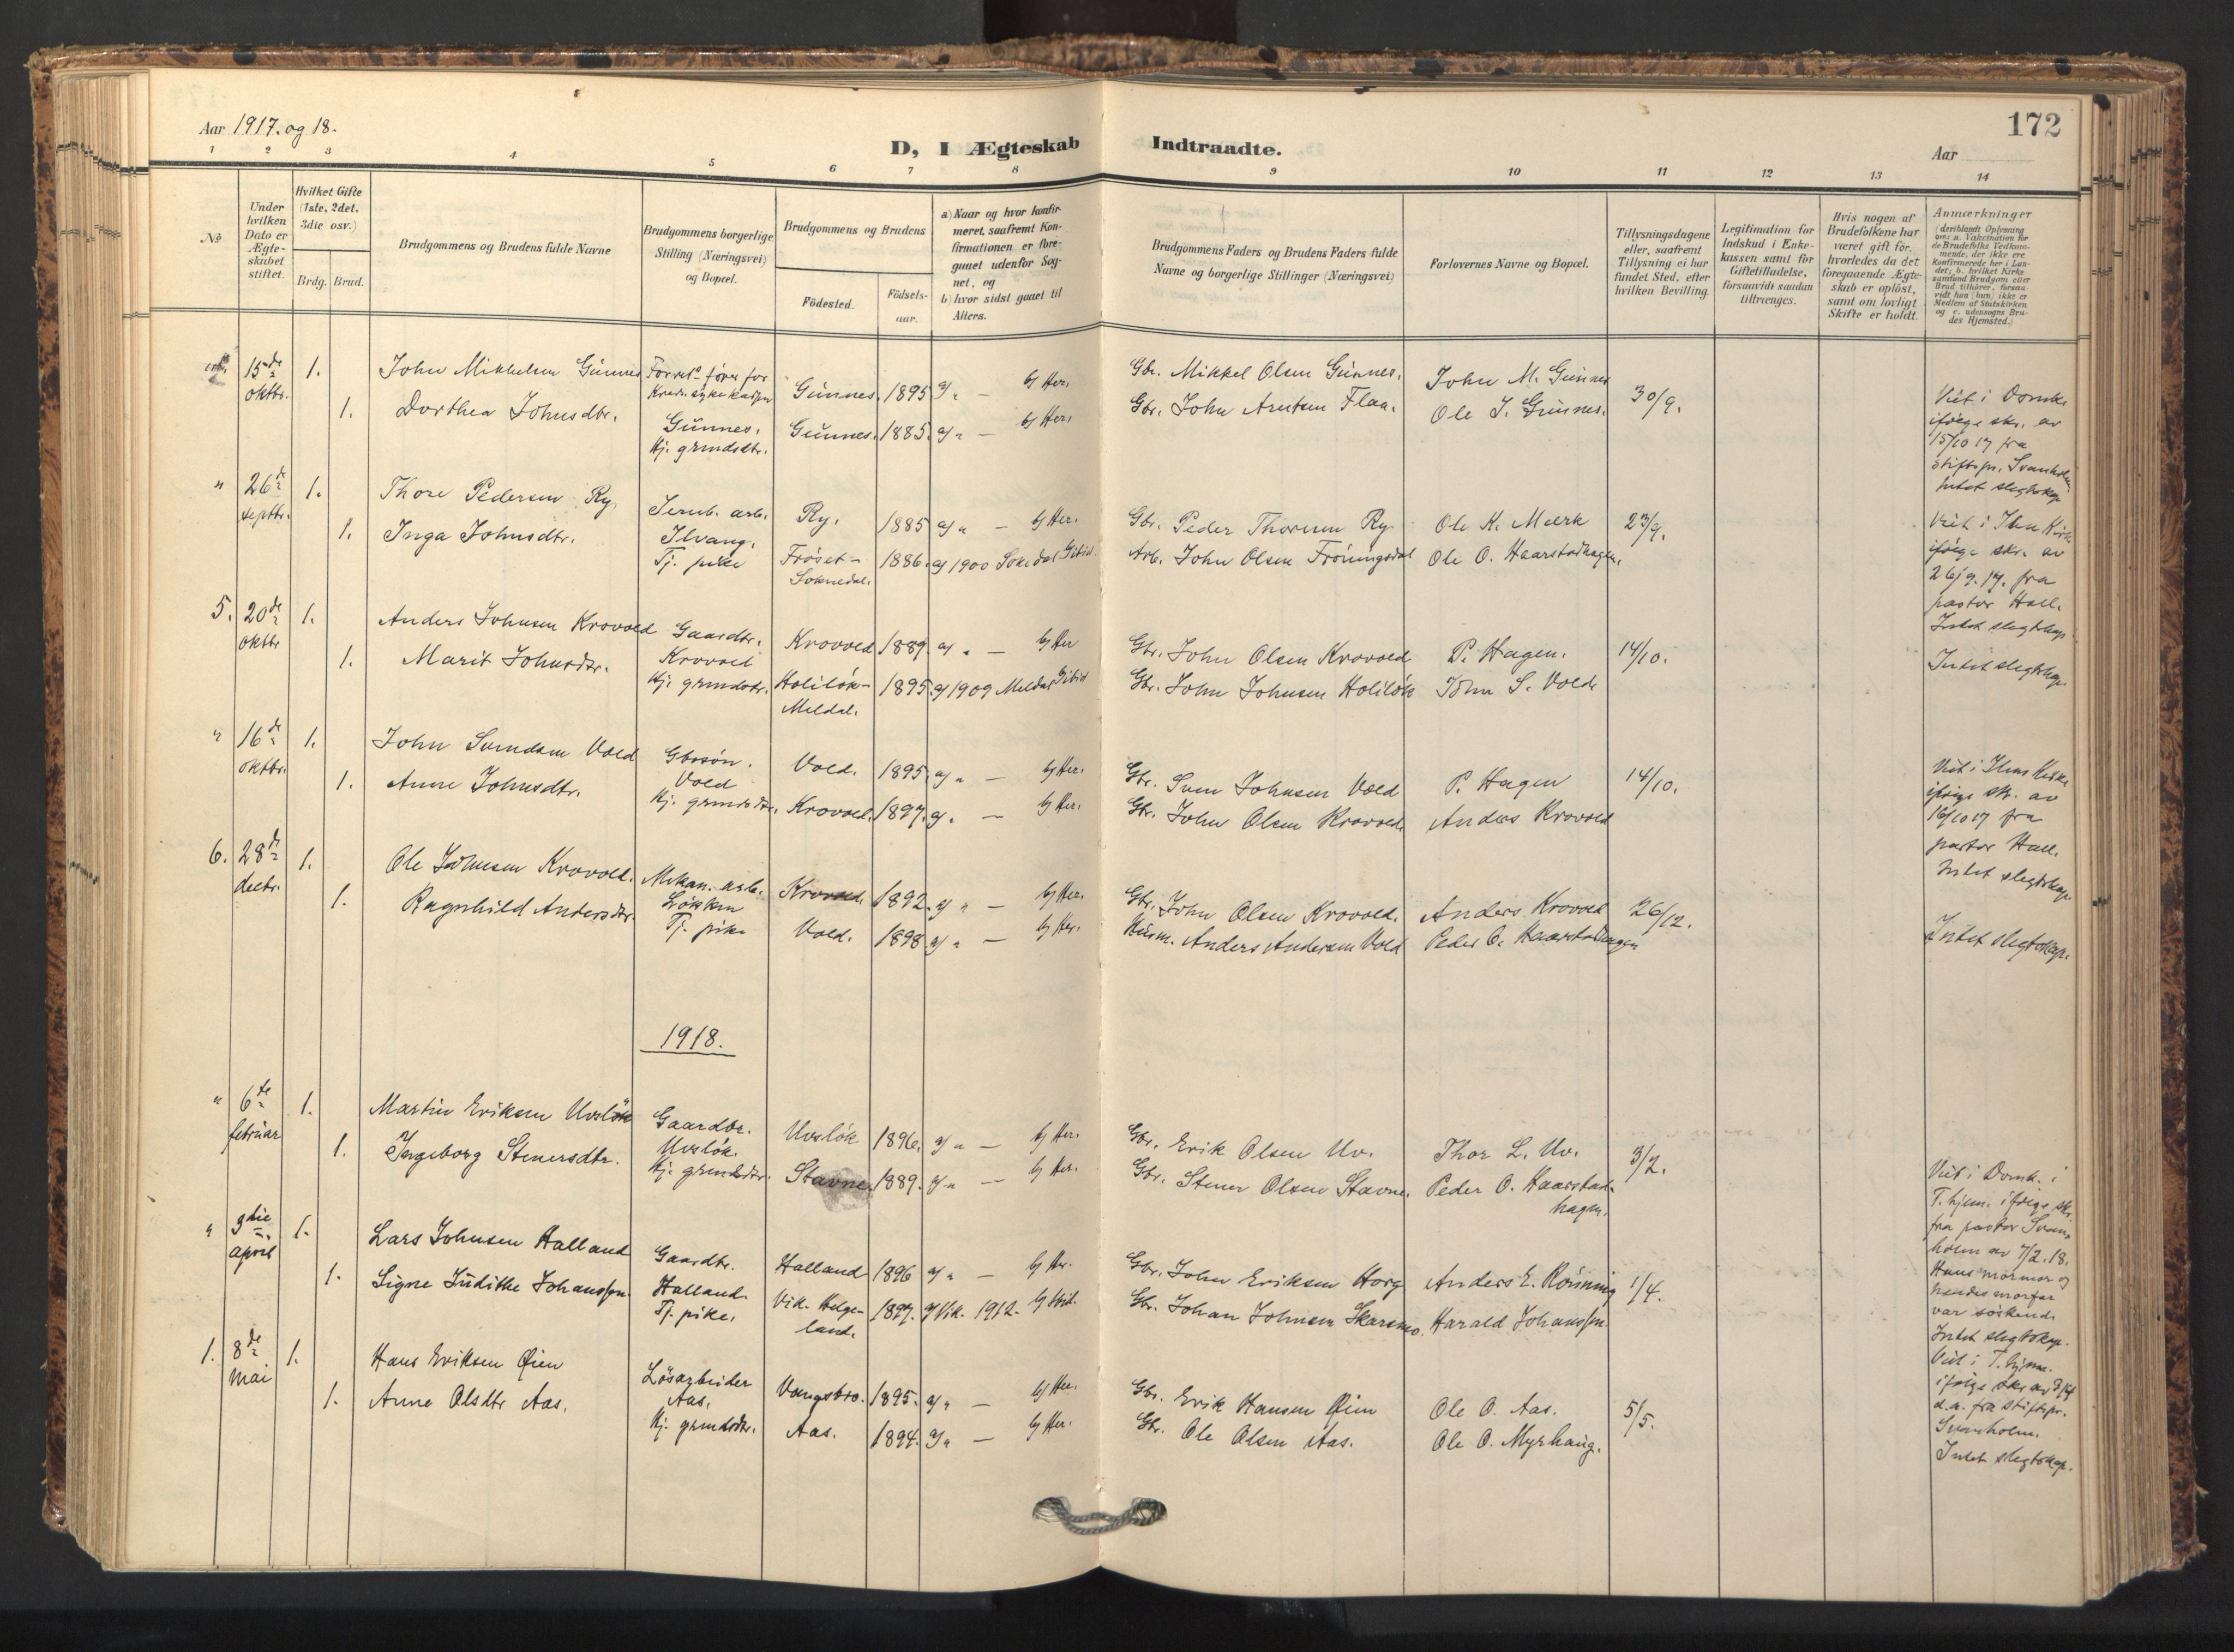 SAT, Ministerialprotokoller, klokkerbøker og fødselsregistre - Sør-Trøndelag, 674/L0873: Ministerialbok nr. 674A05, 1908-1923, s. 172